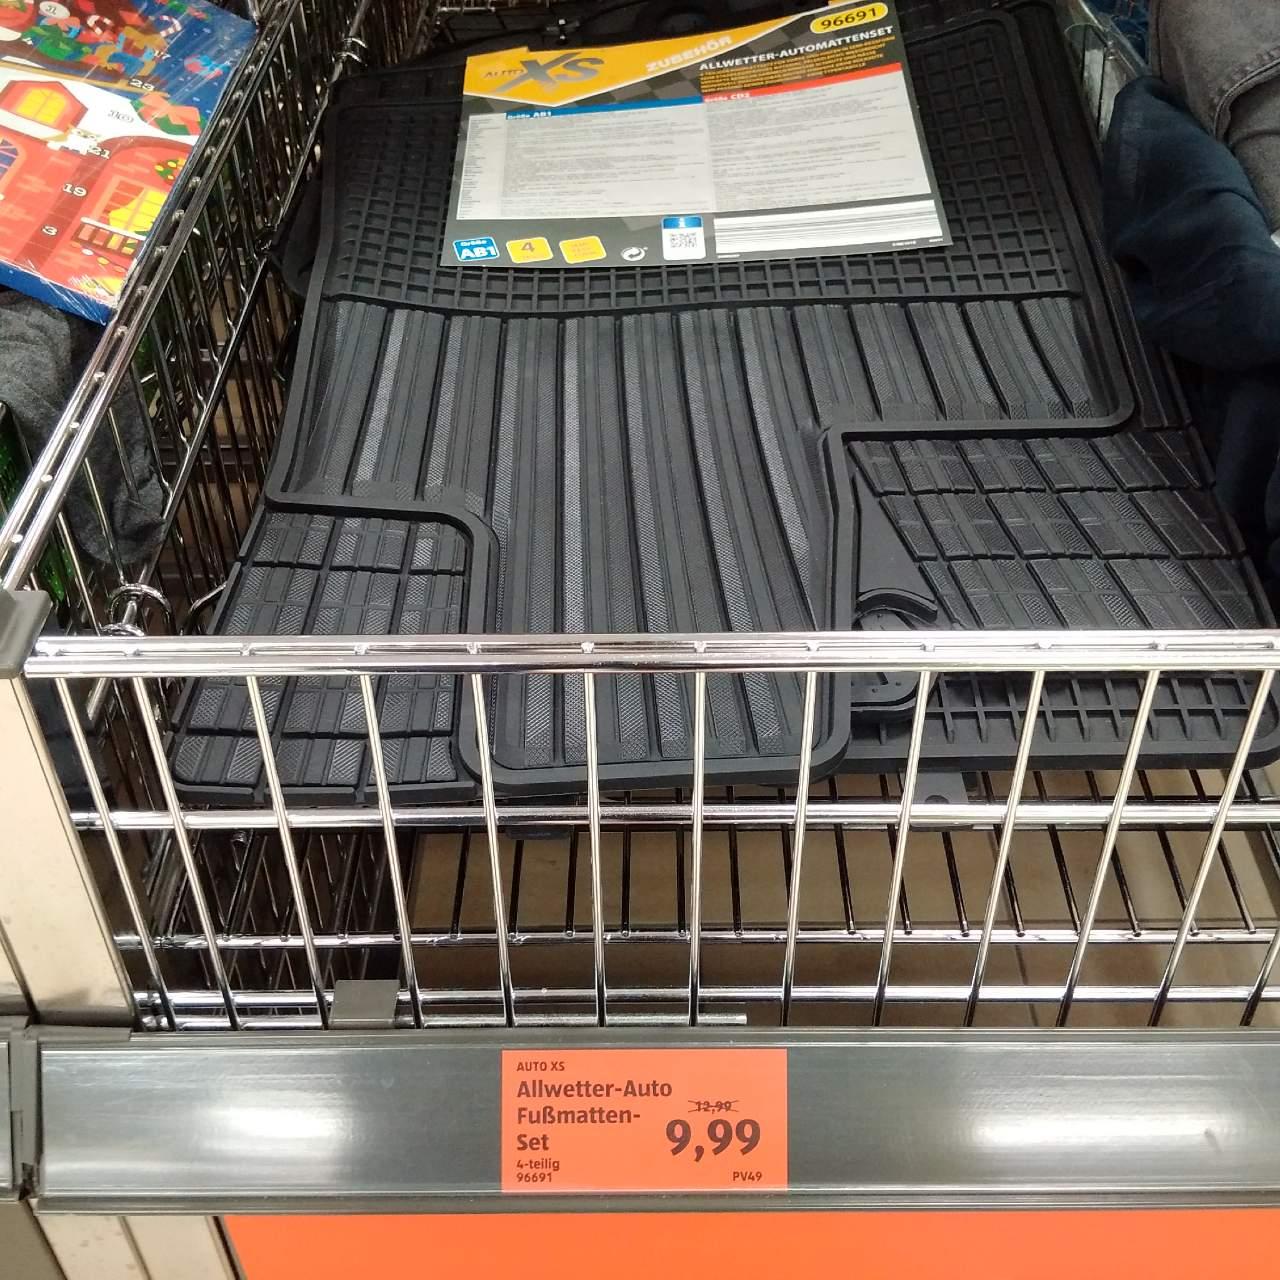 AUTO XS All-Wetter-Auto-Fußmatten-Set - jetzt 23% billiger